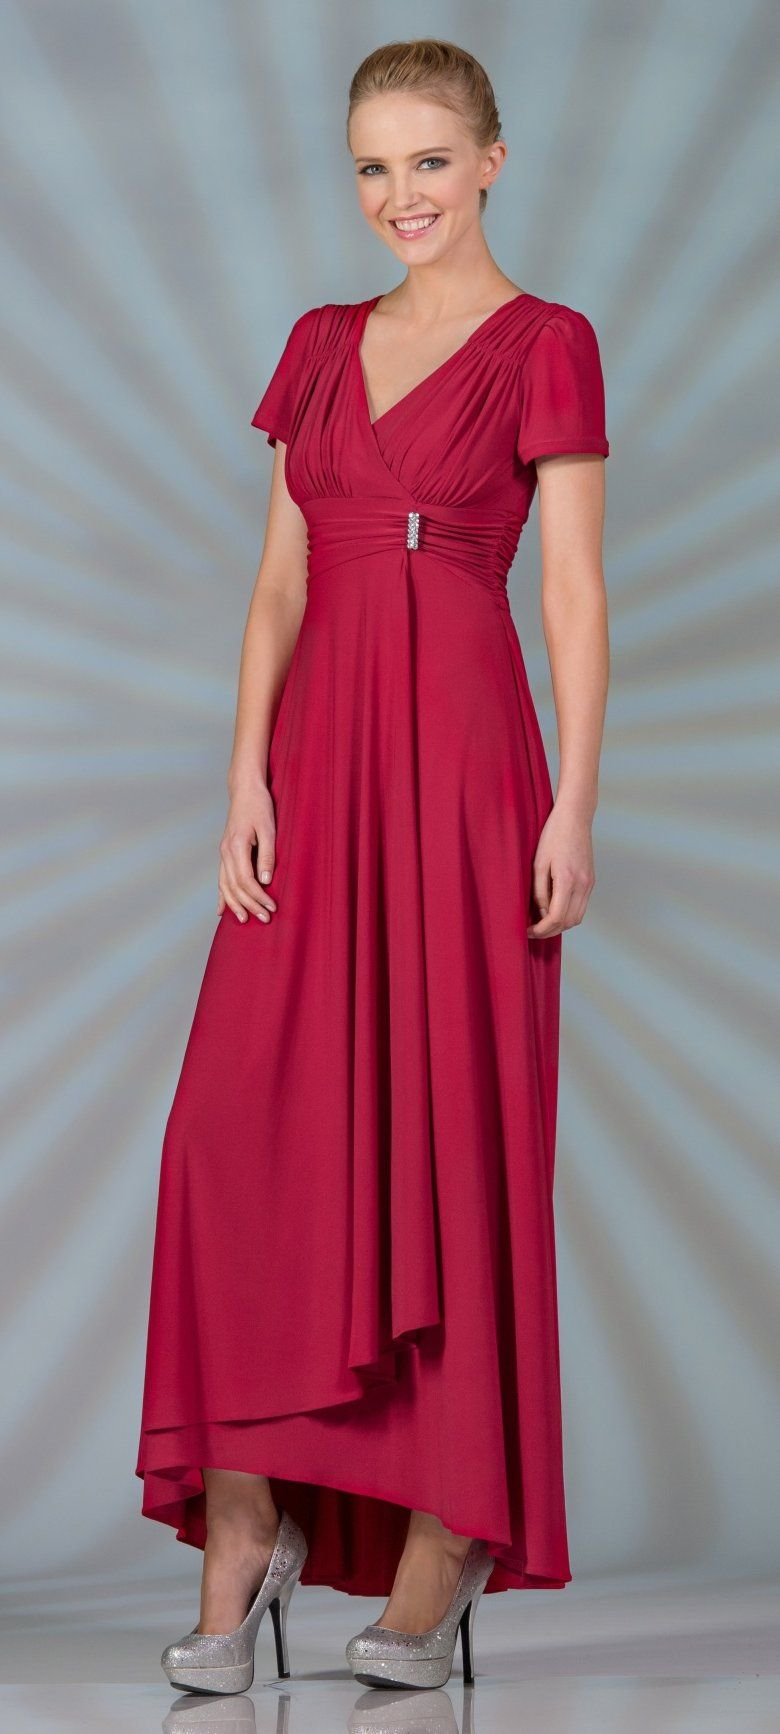 Tea Length Modest Red Choir Dress Short Sleeves V Neckline $89.99 ...